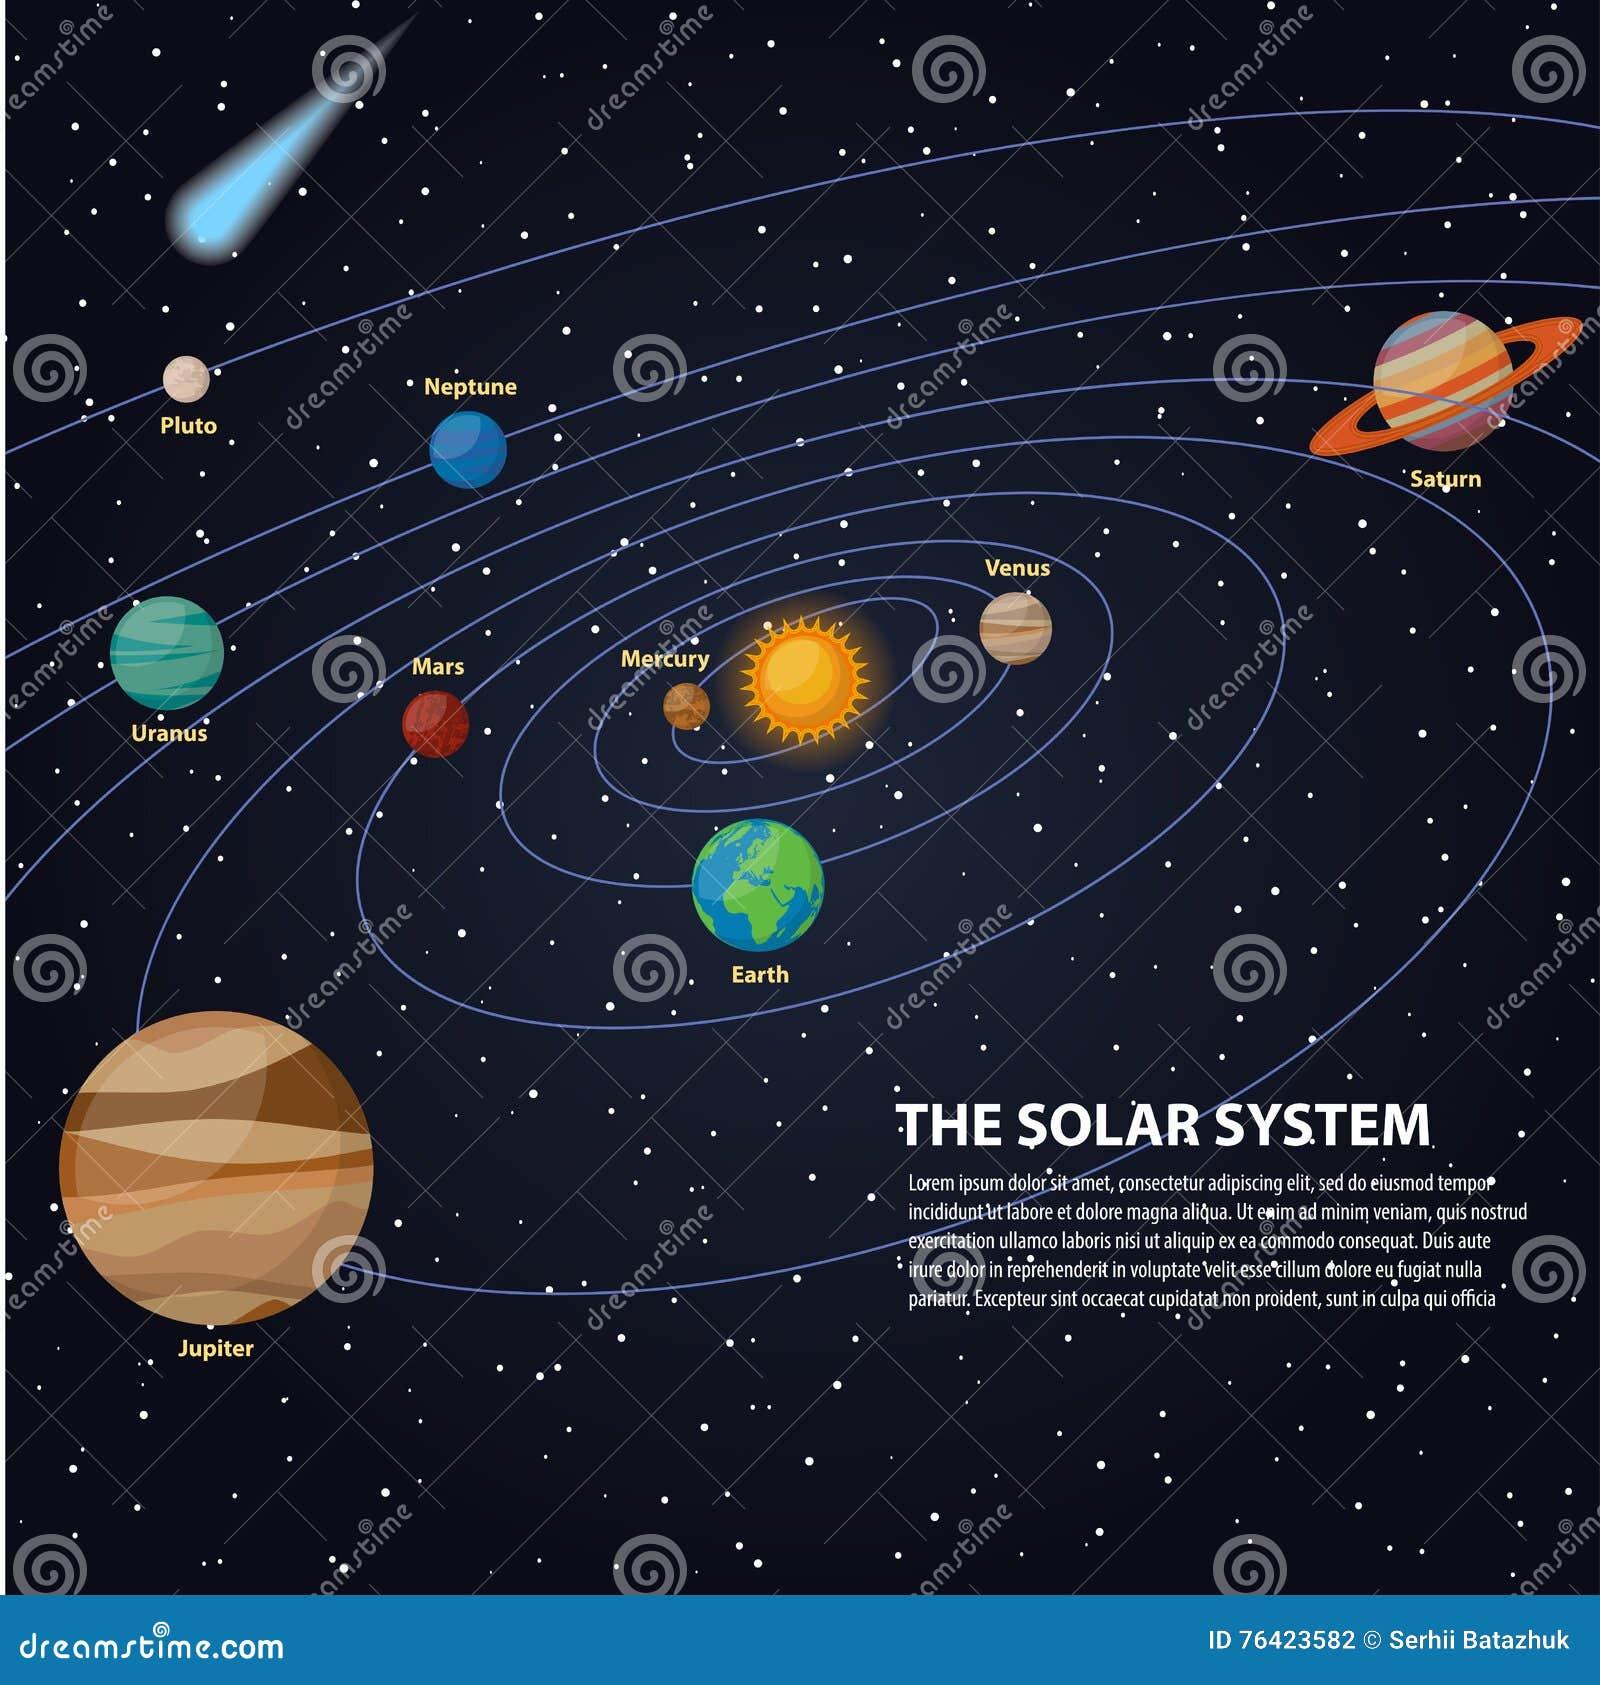 sistema solar con el sol y planetas en sus órbitas el mercurio y